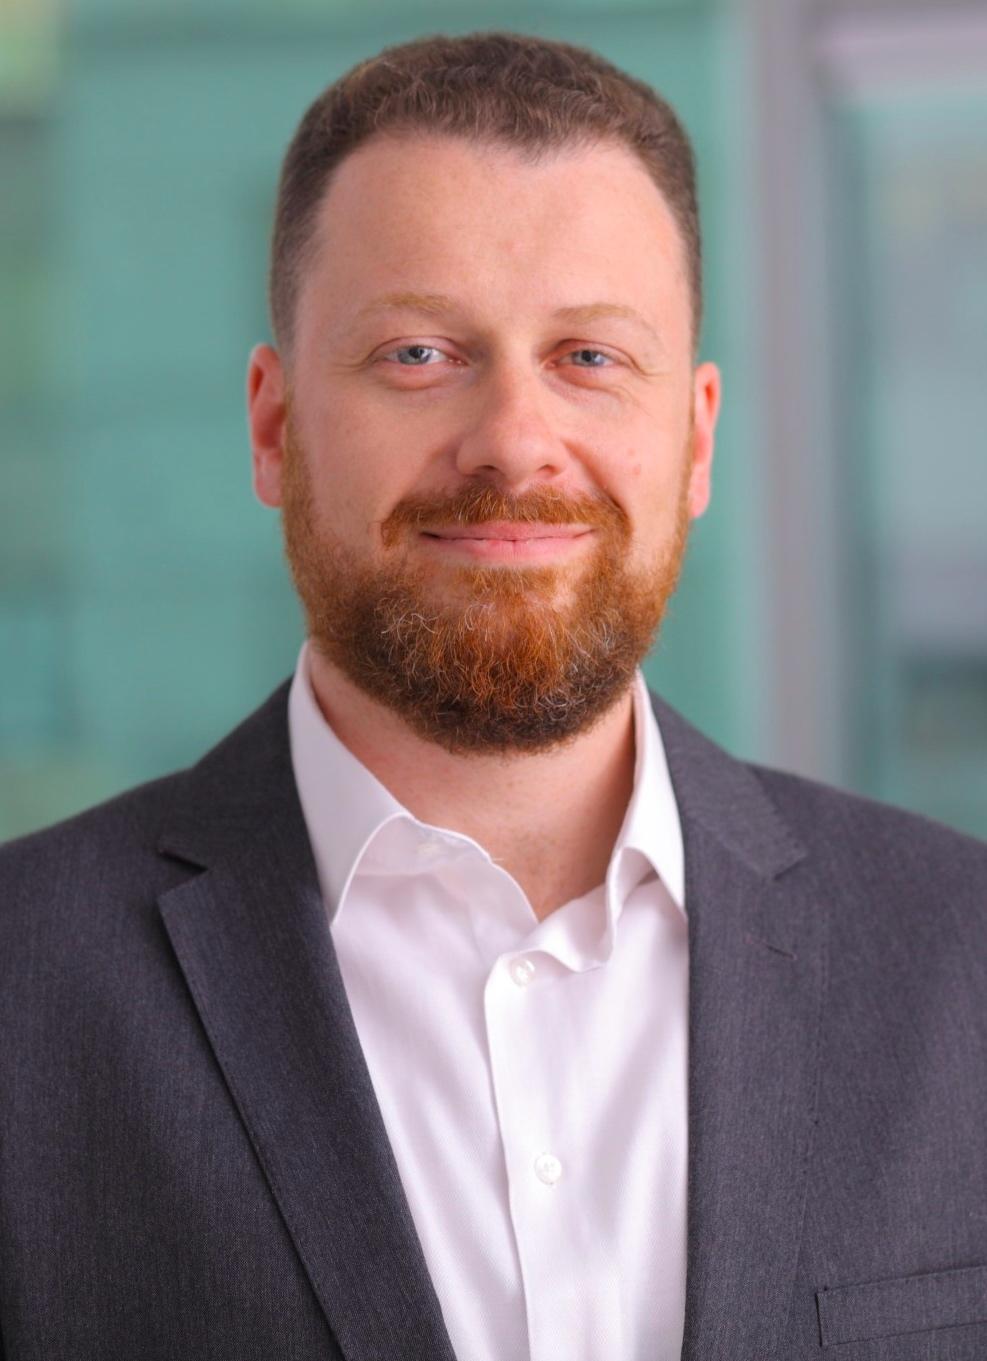 Victor Dolzhansky – menedżer ds. rozwoju międzynarodowego Autobooking